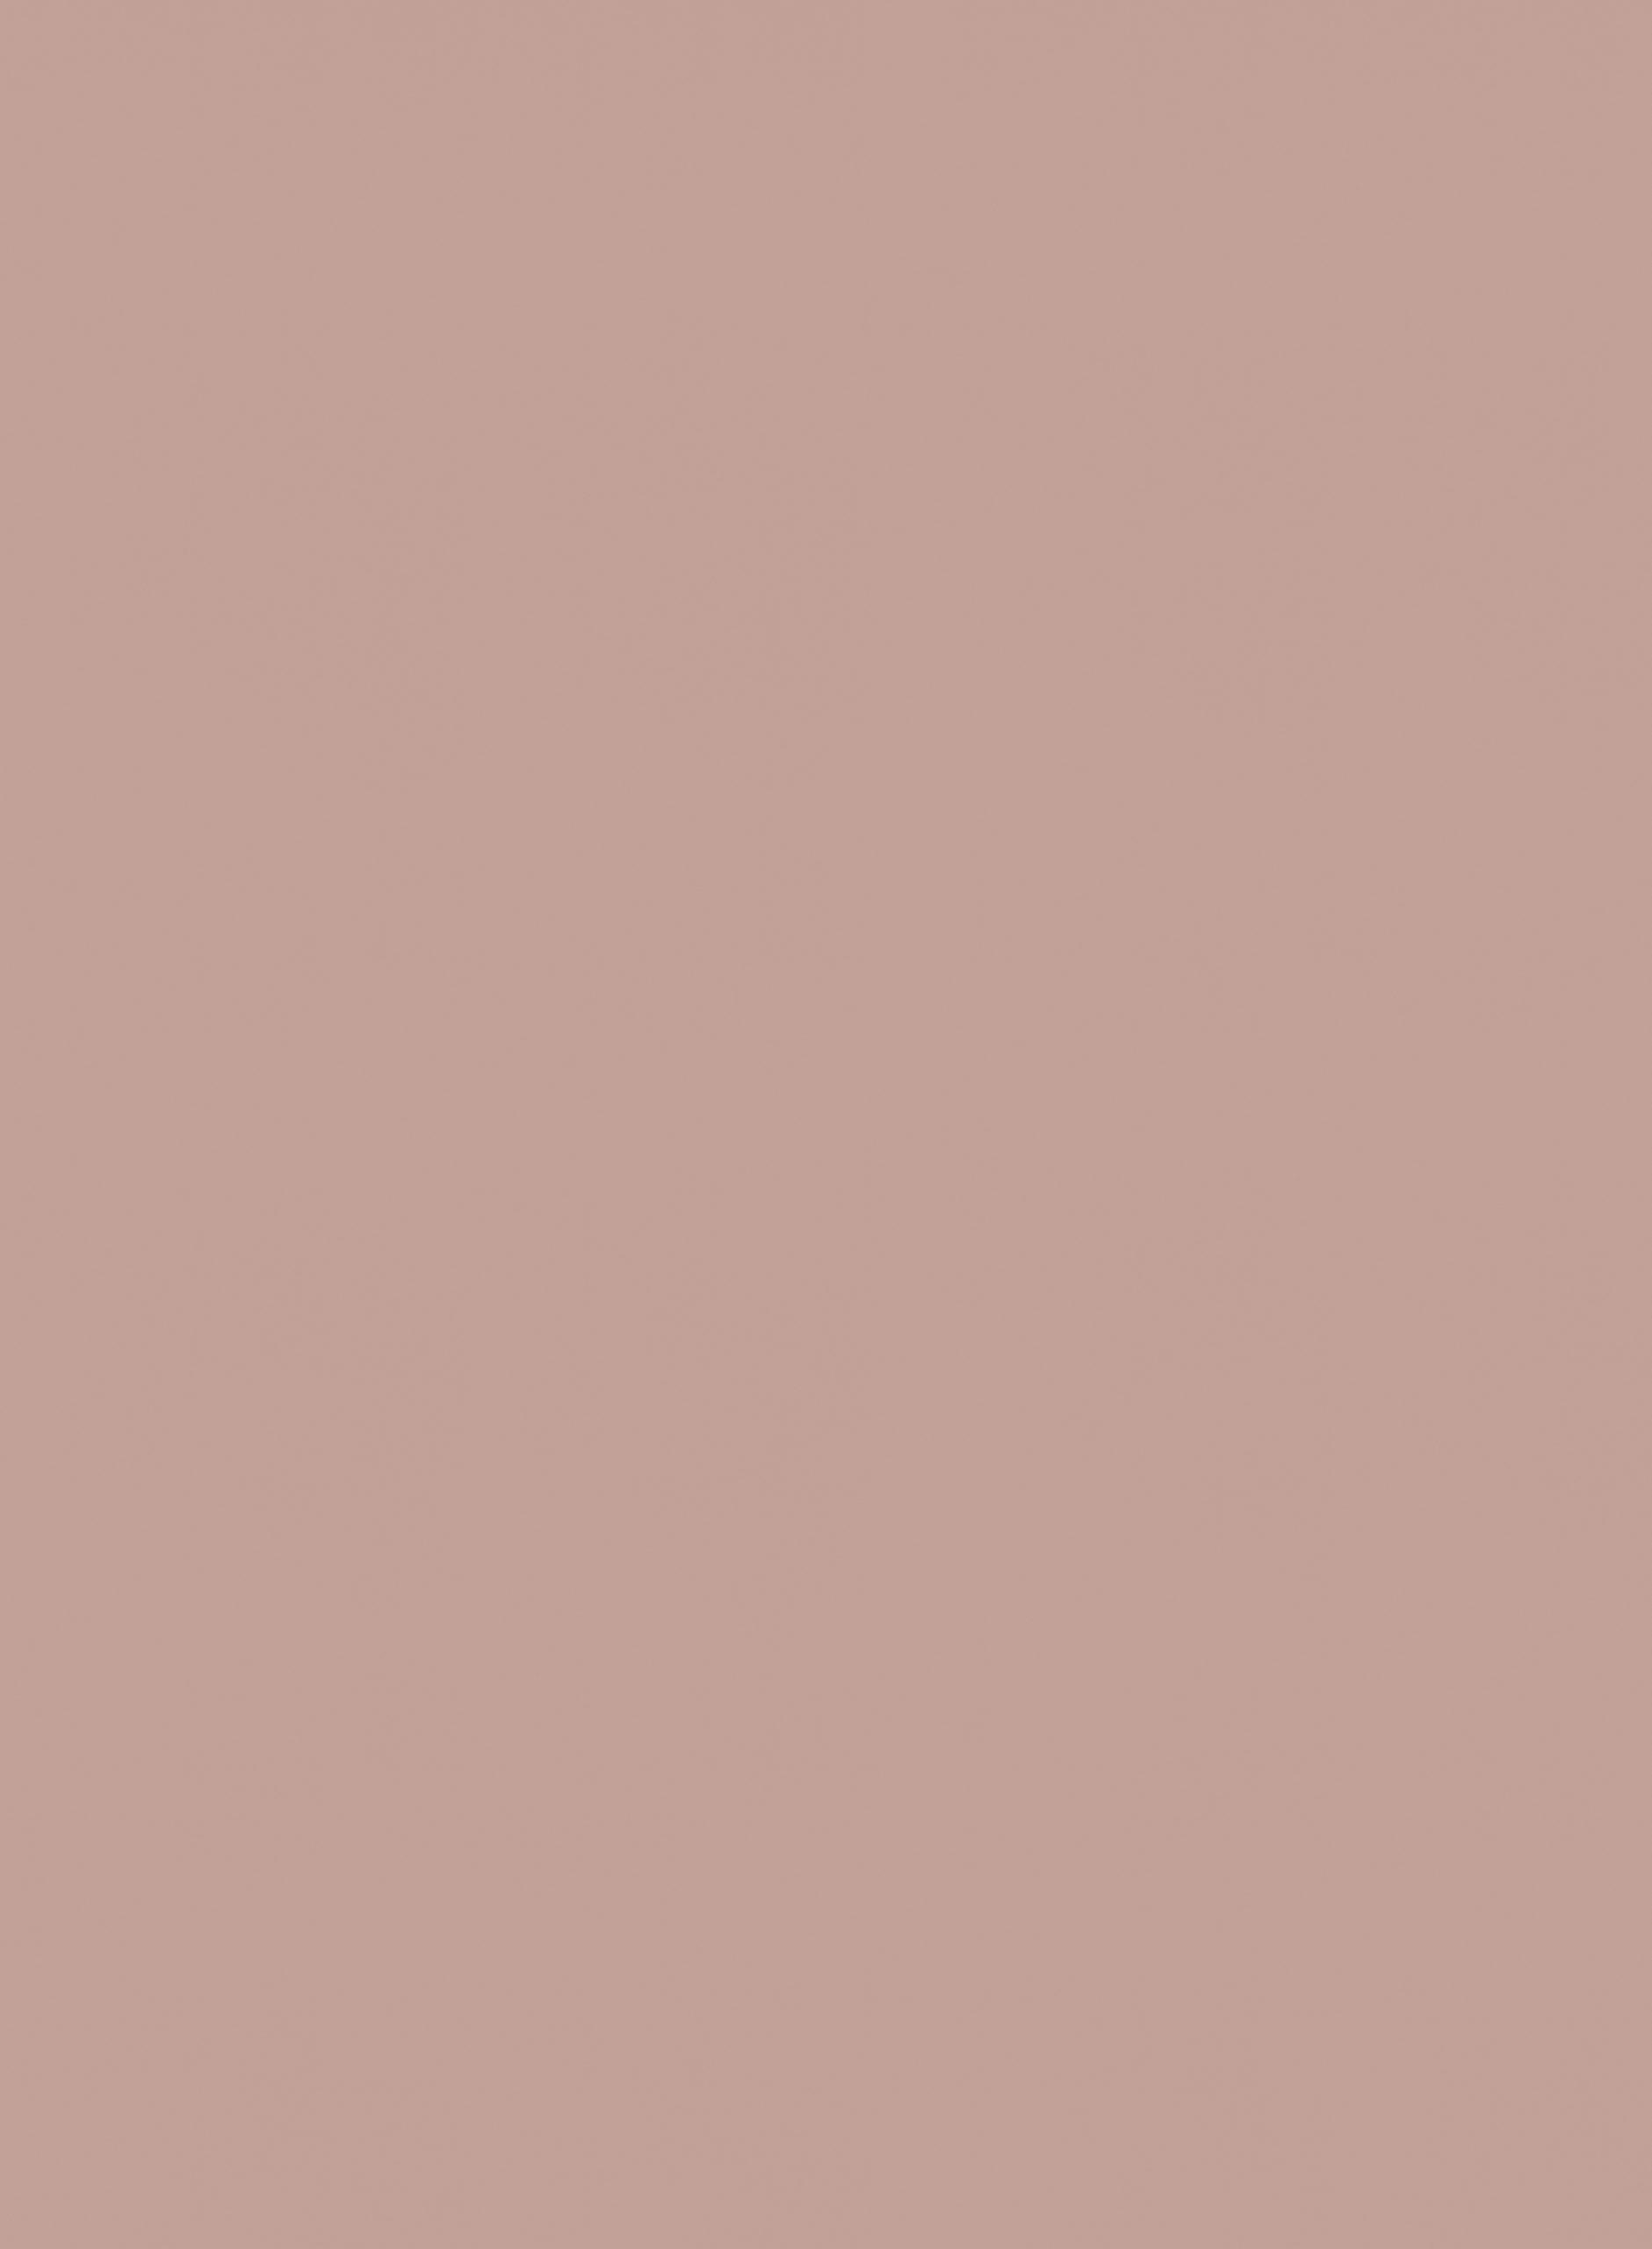 UB52 Ovatta hele plaatafbeelding 2800x2070 mm